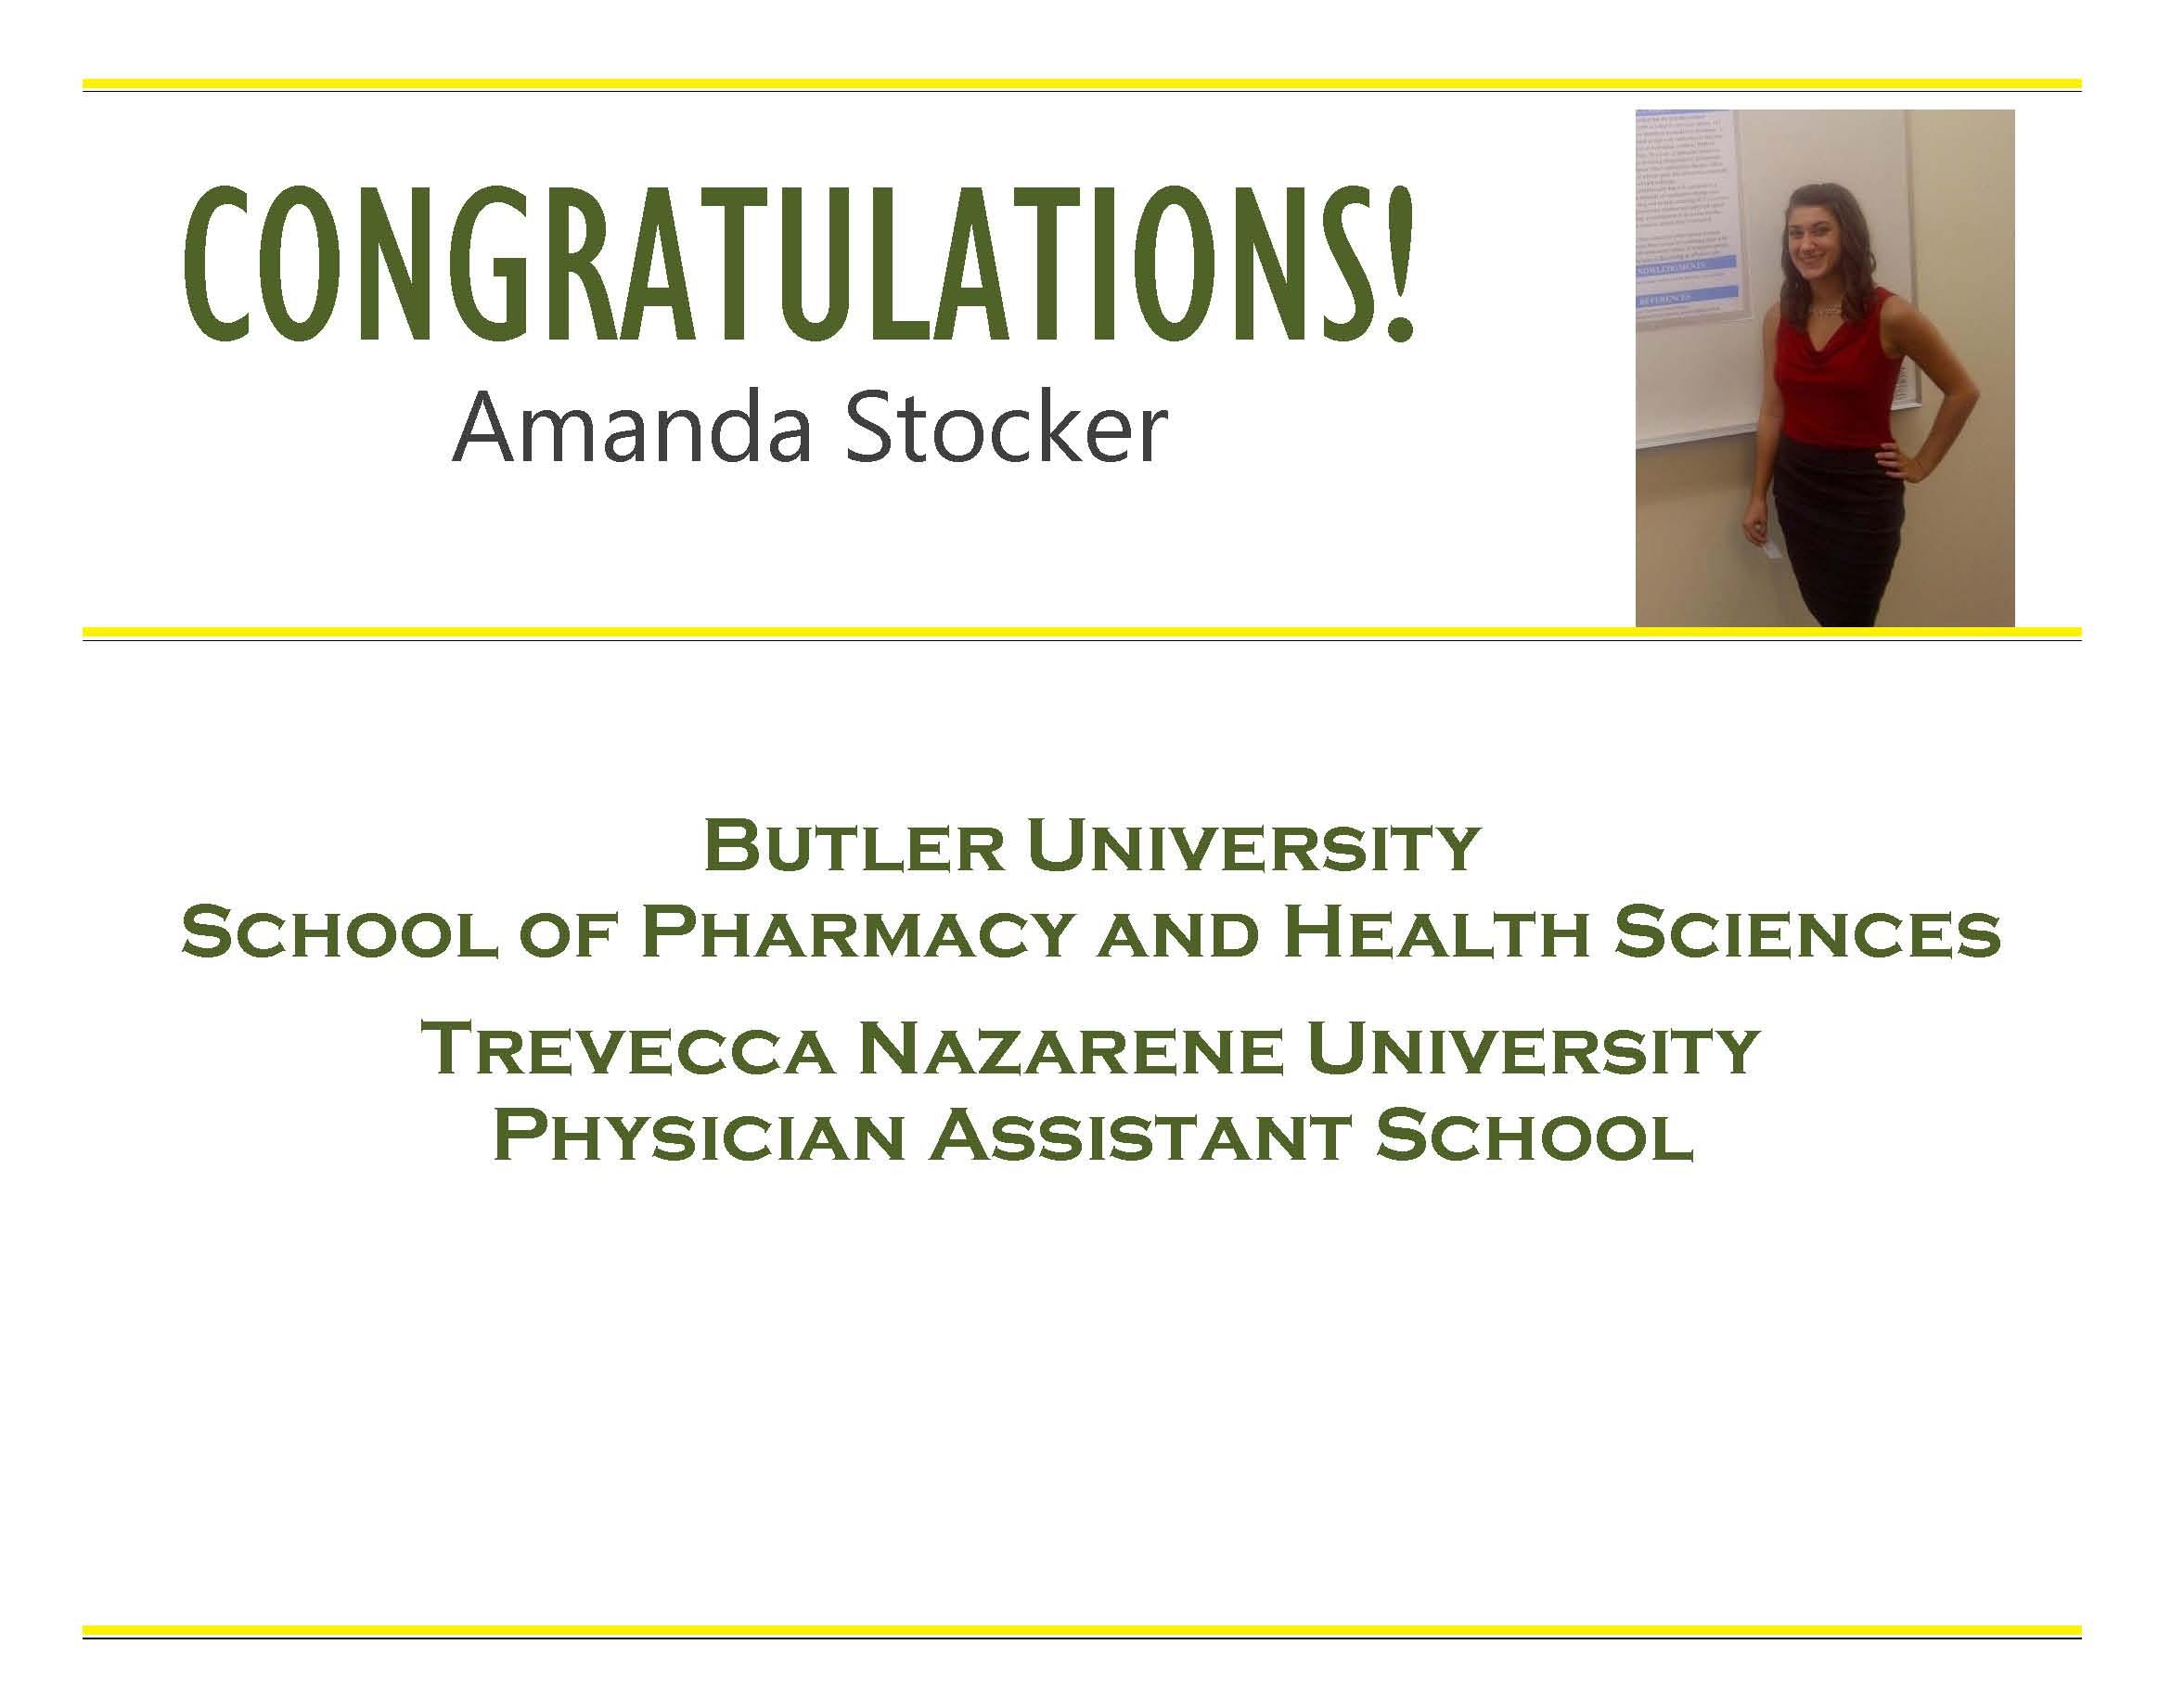 Amanda Stocker 2.jpg